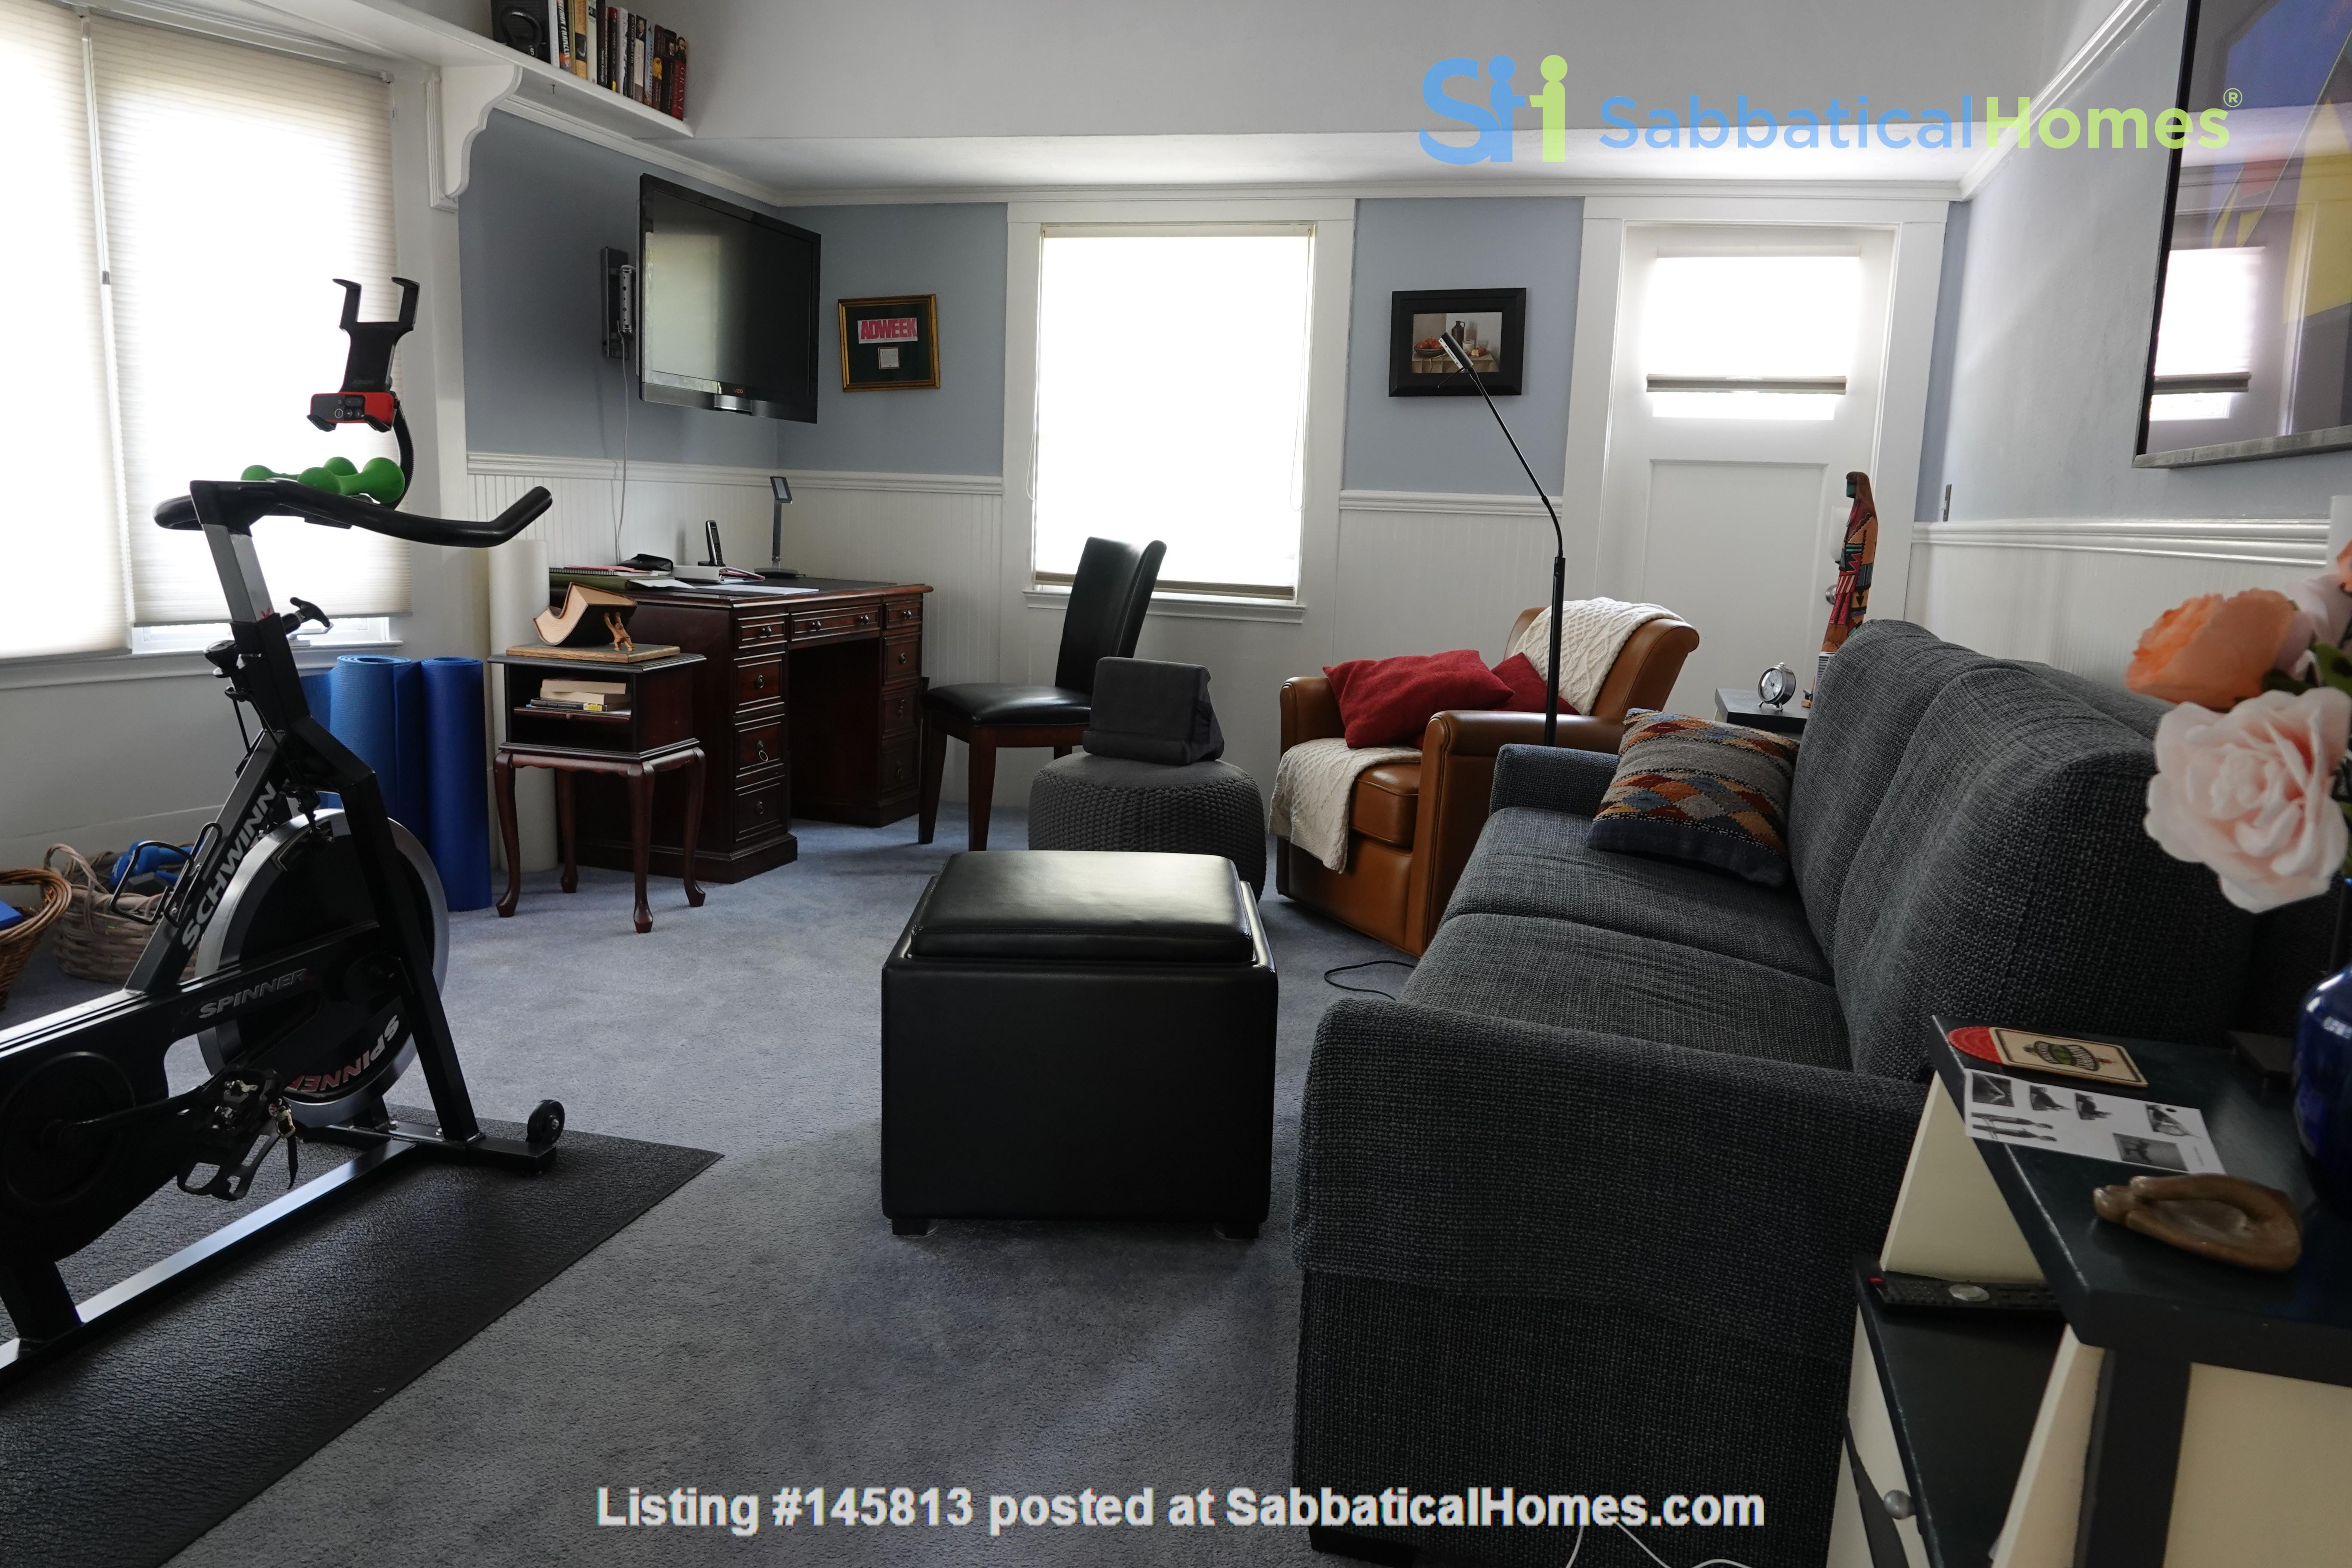 Looking for 2-3 bedroom in New York City Home Exchange in Berkeley 6